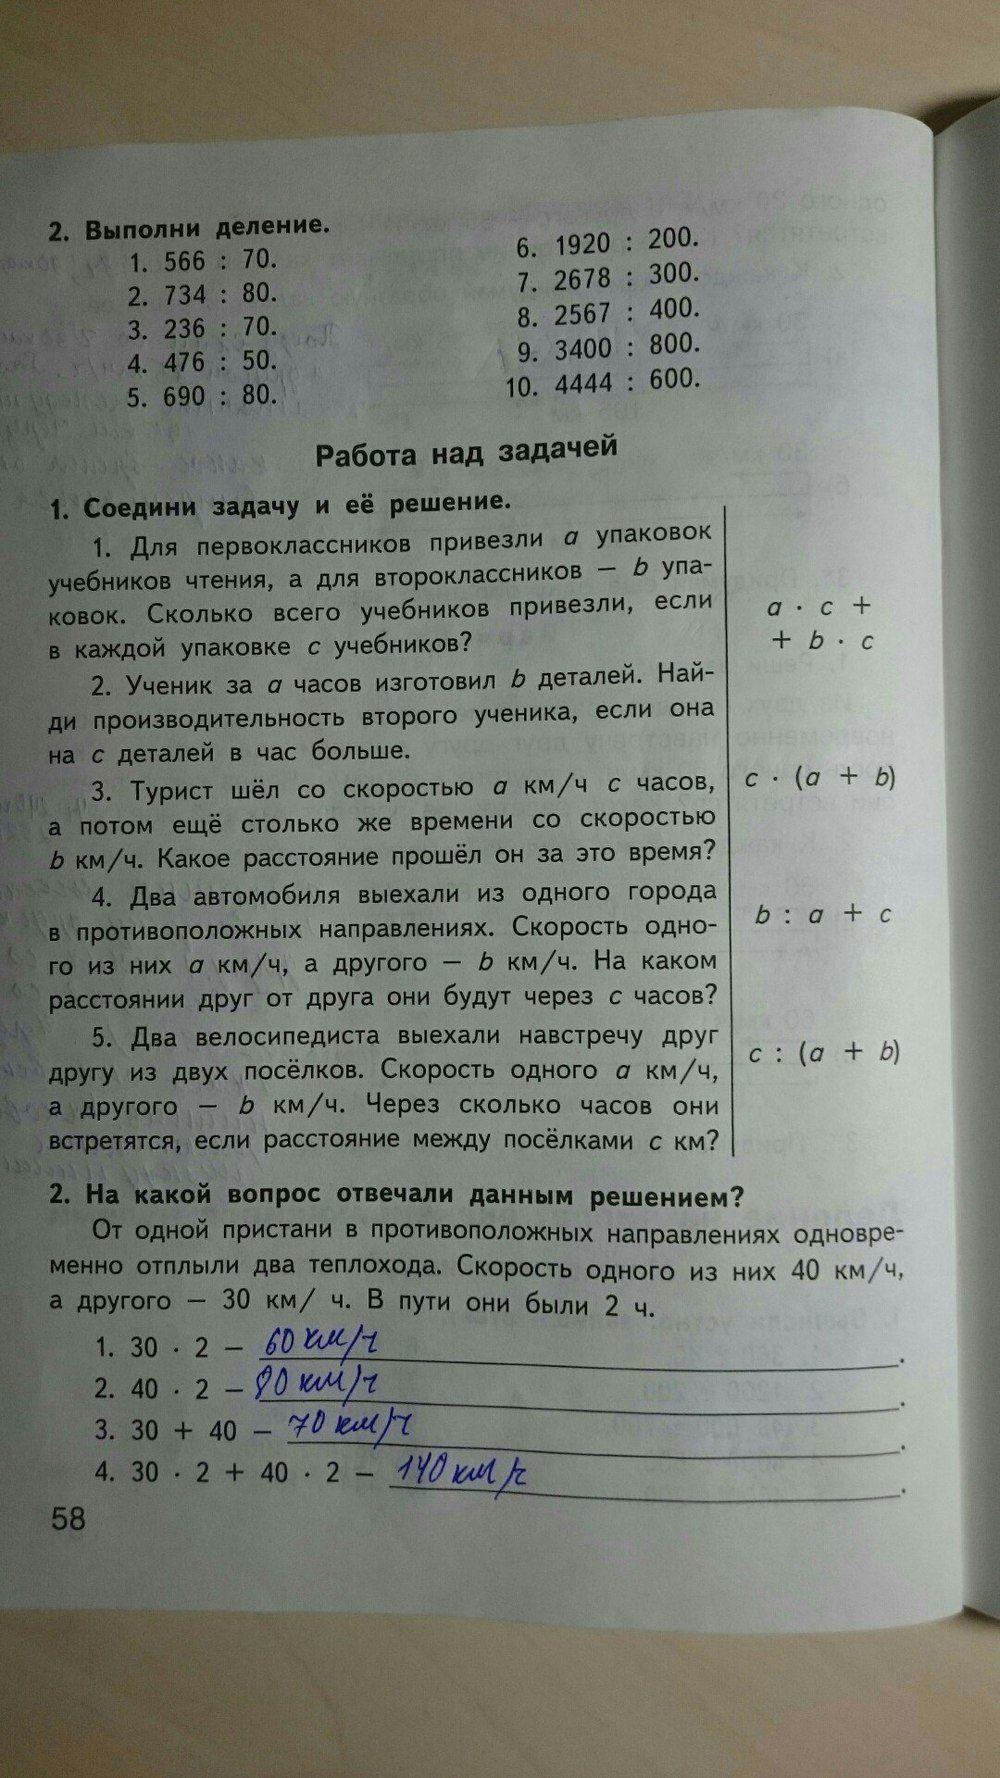 Контрольная работа номер по химии класс кузнецова левкин  Контрольная работа номер 3 по химии 8 класс кузнецова левкин